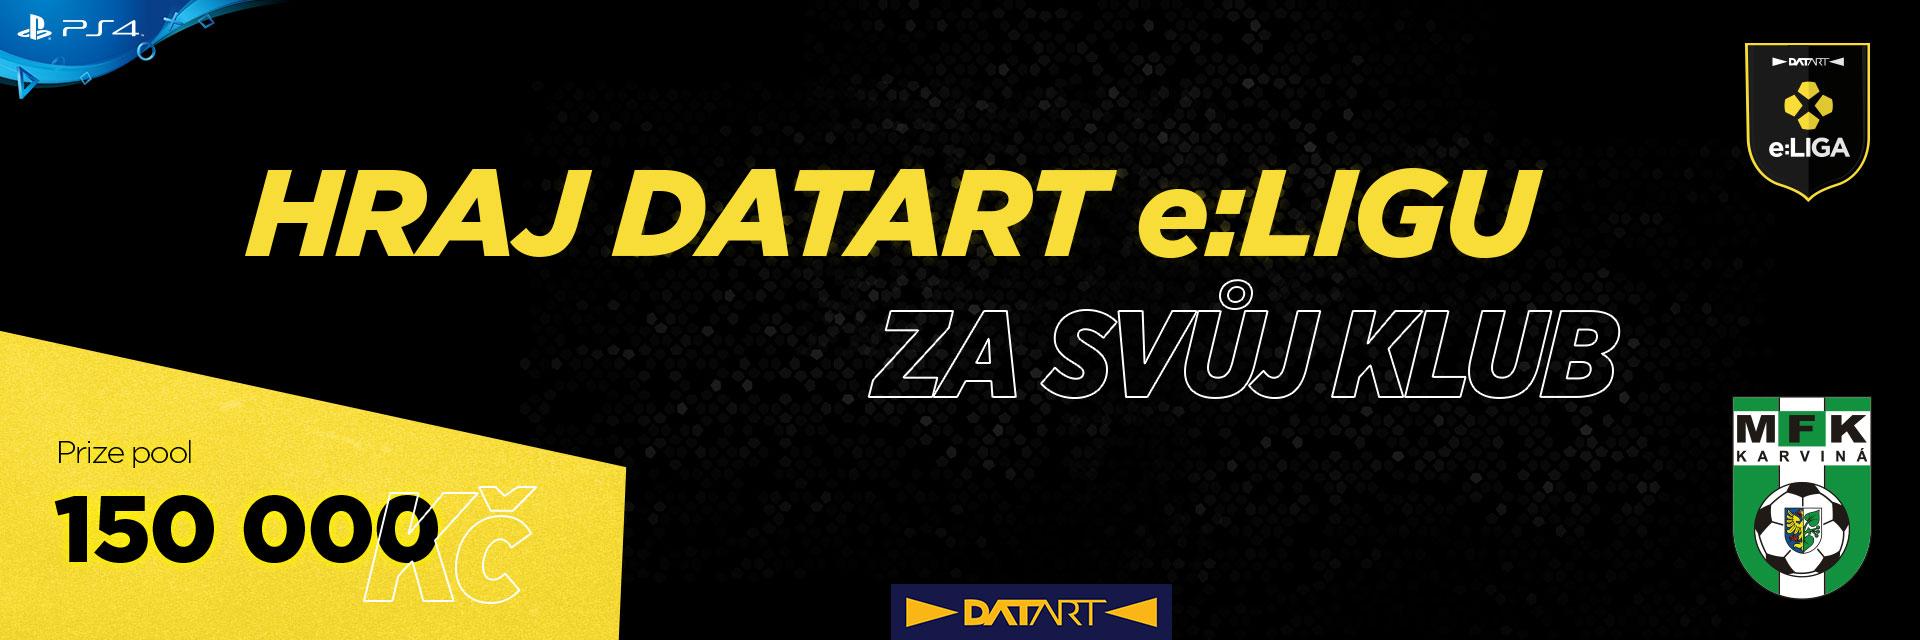 datart-e-liga-semifinale-mfk-karvina